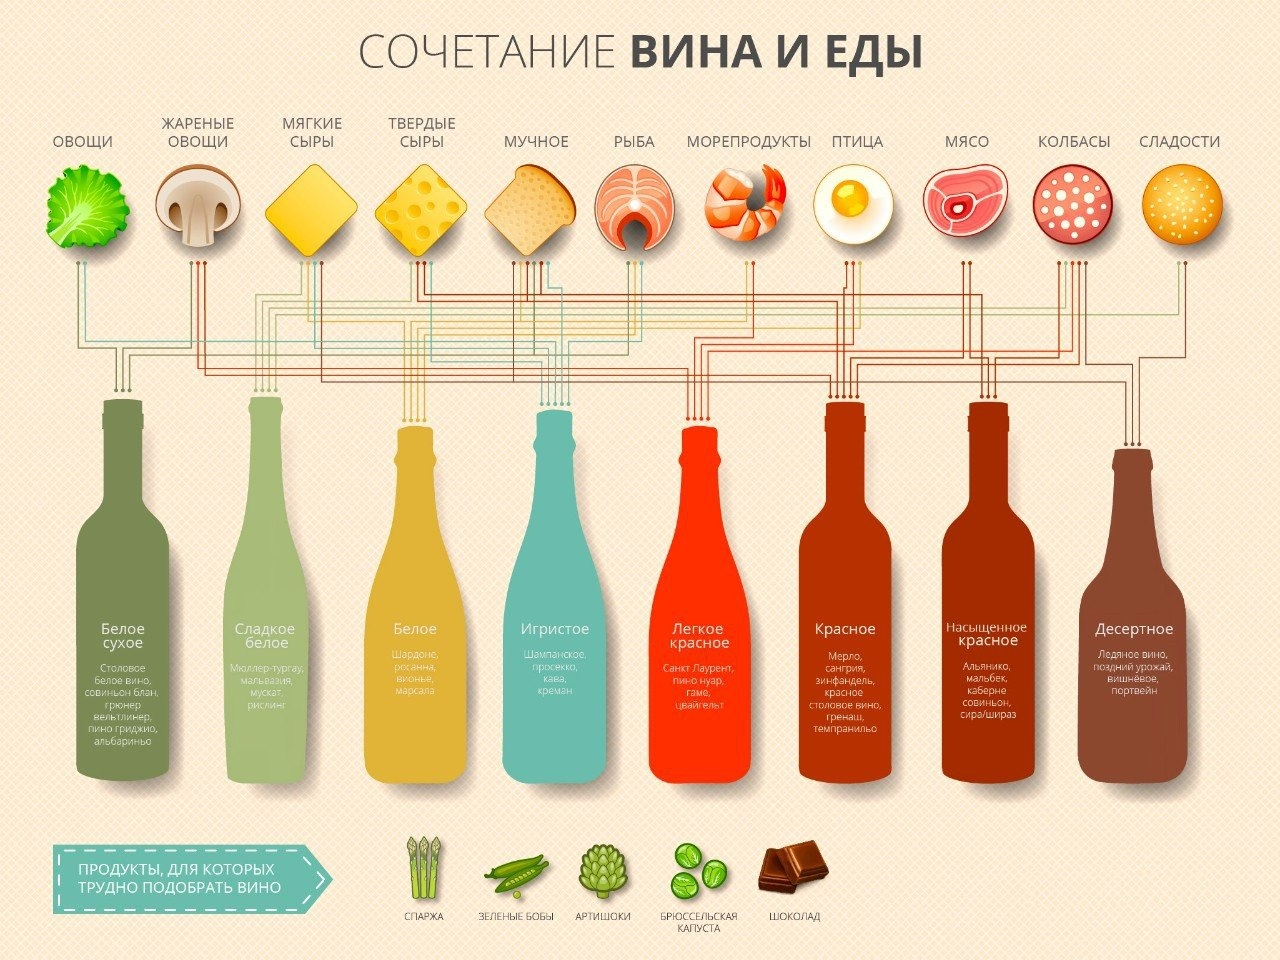 С чем употреблять вина